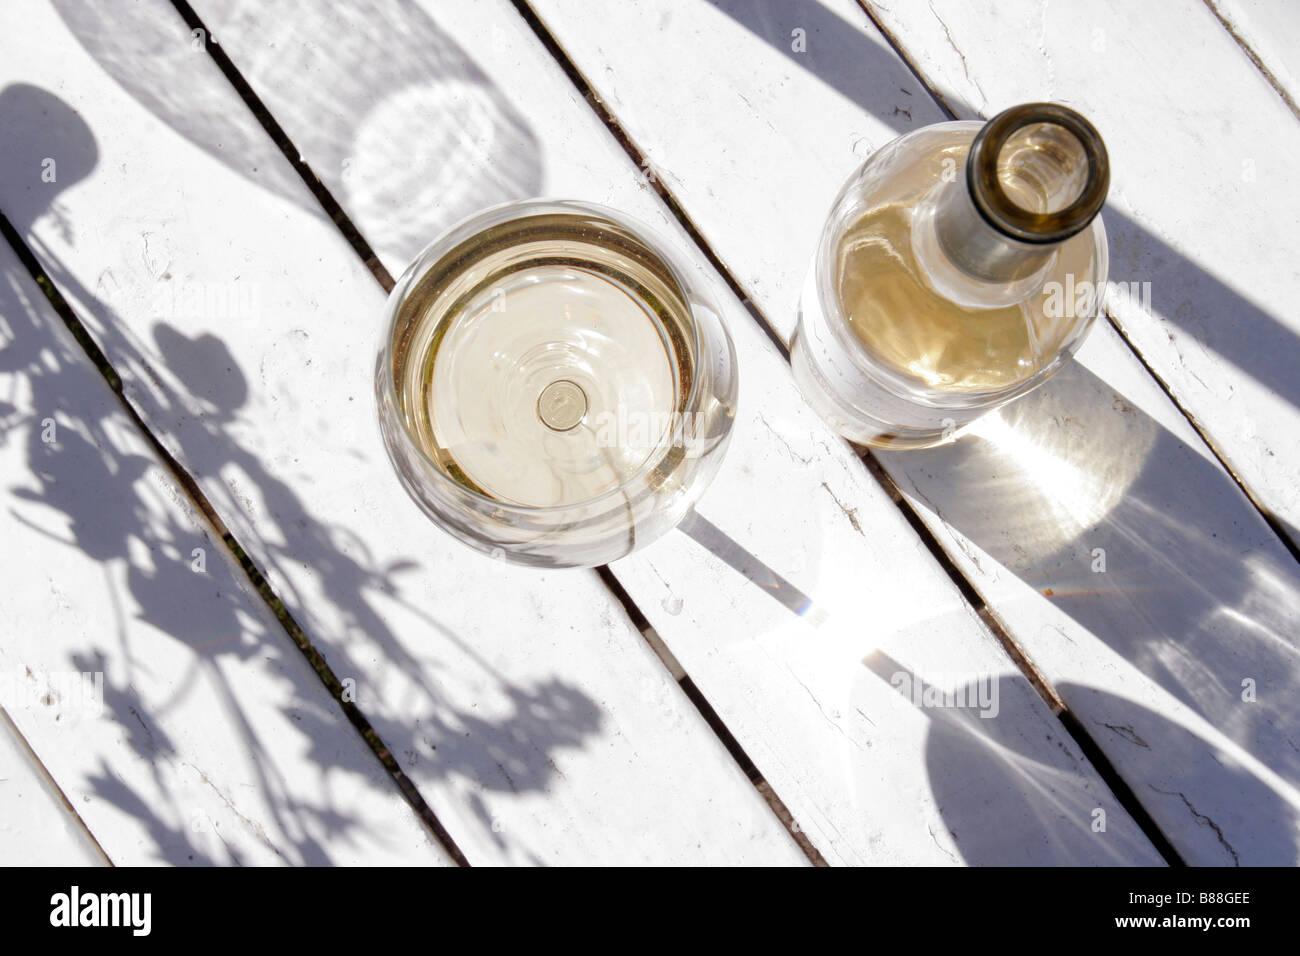 Una bottiglia di vino bianco e un vetro posto esterno su un bianco tavolo di legno. Immagini Stock